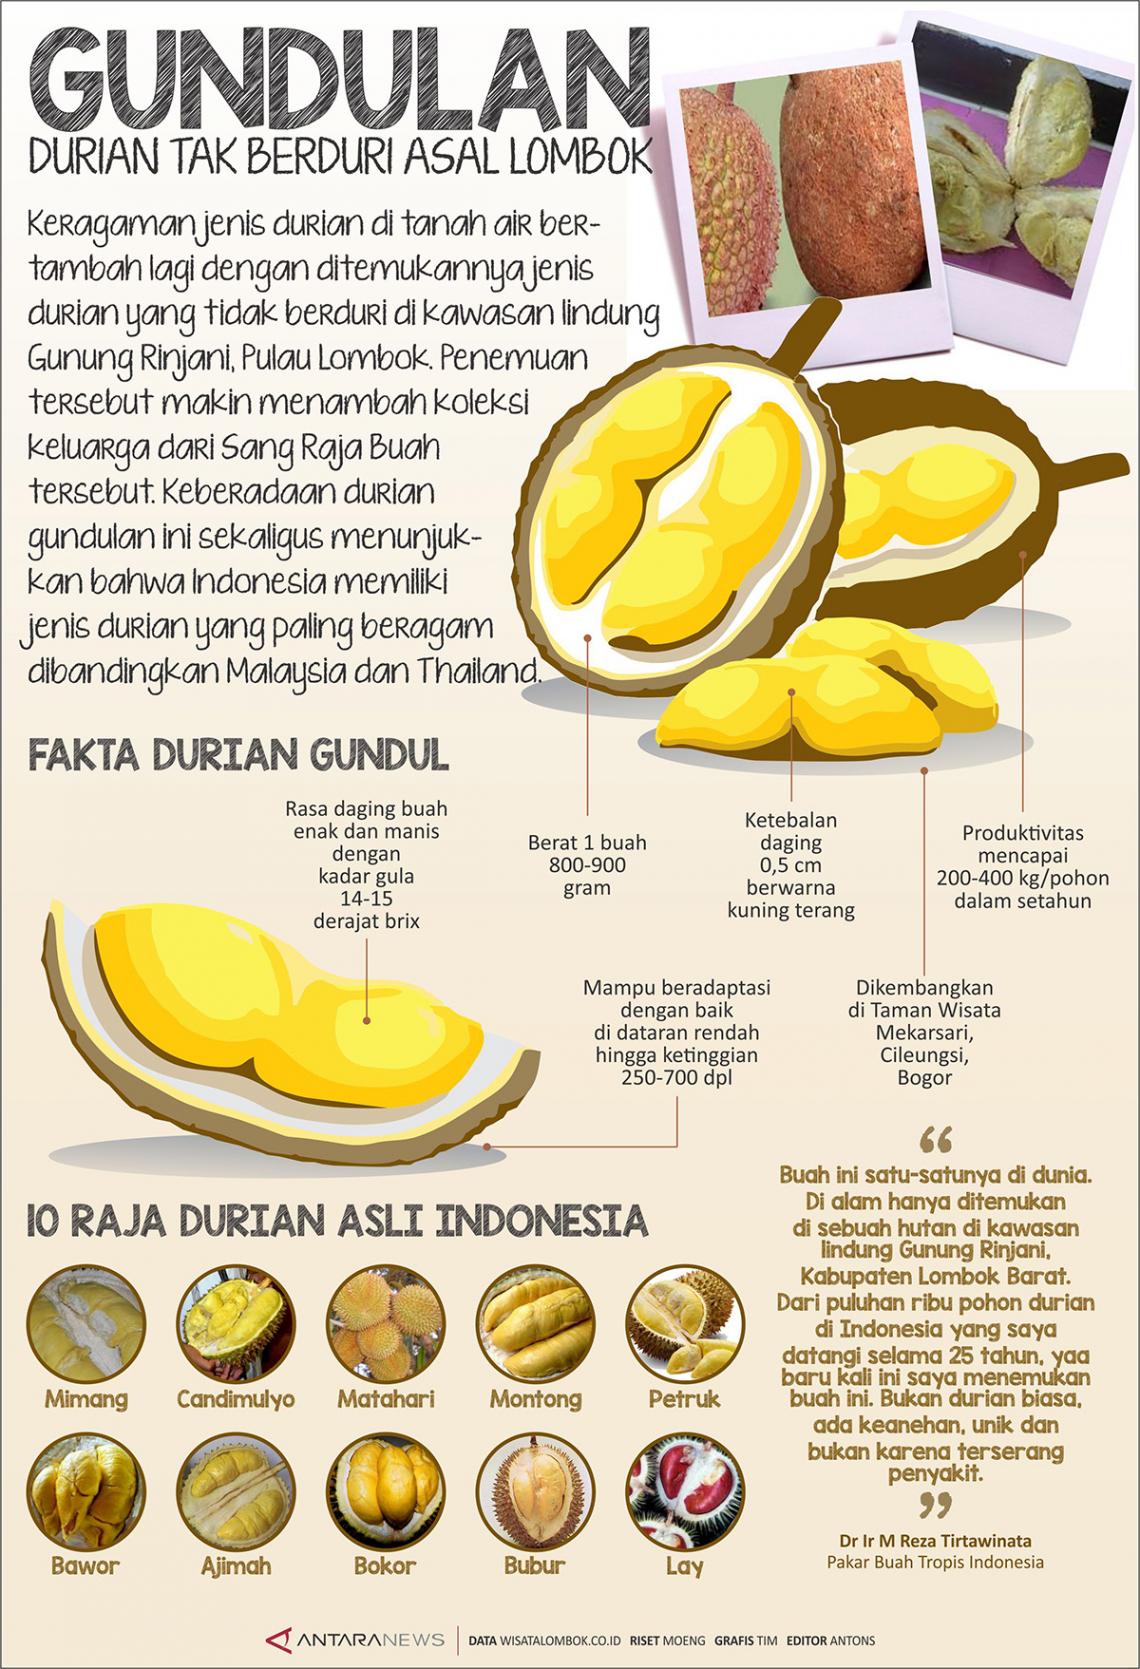 Gundulan Durian tak Berduri Asal Lombok